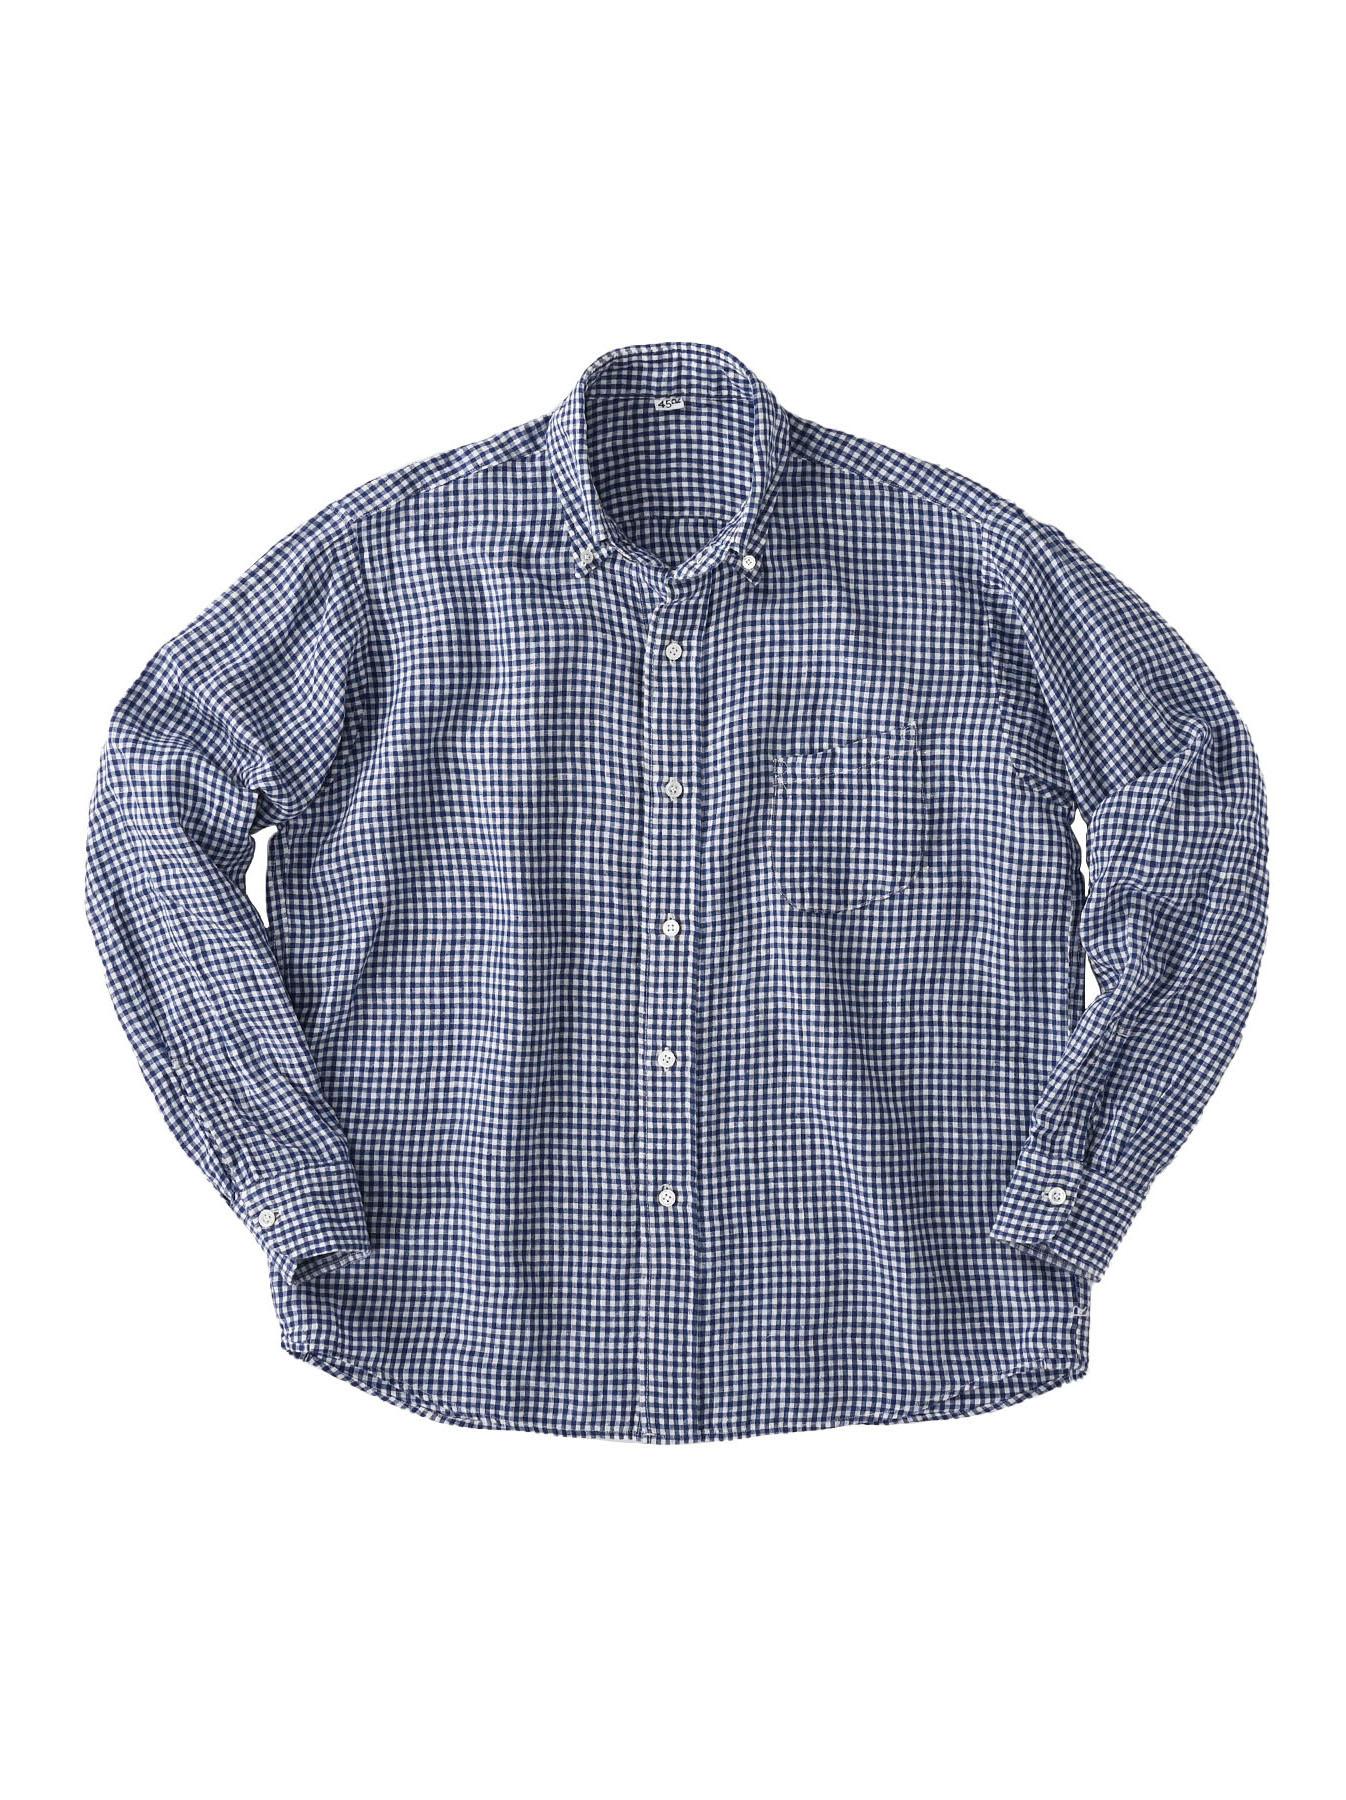 Indian Linen Flat 908 Ocean Shirt (0521)-6